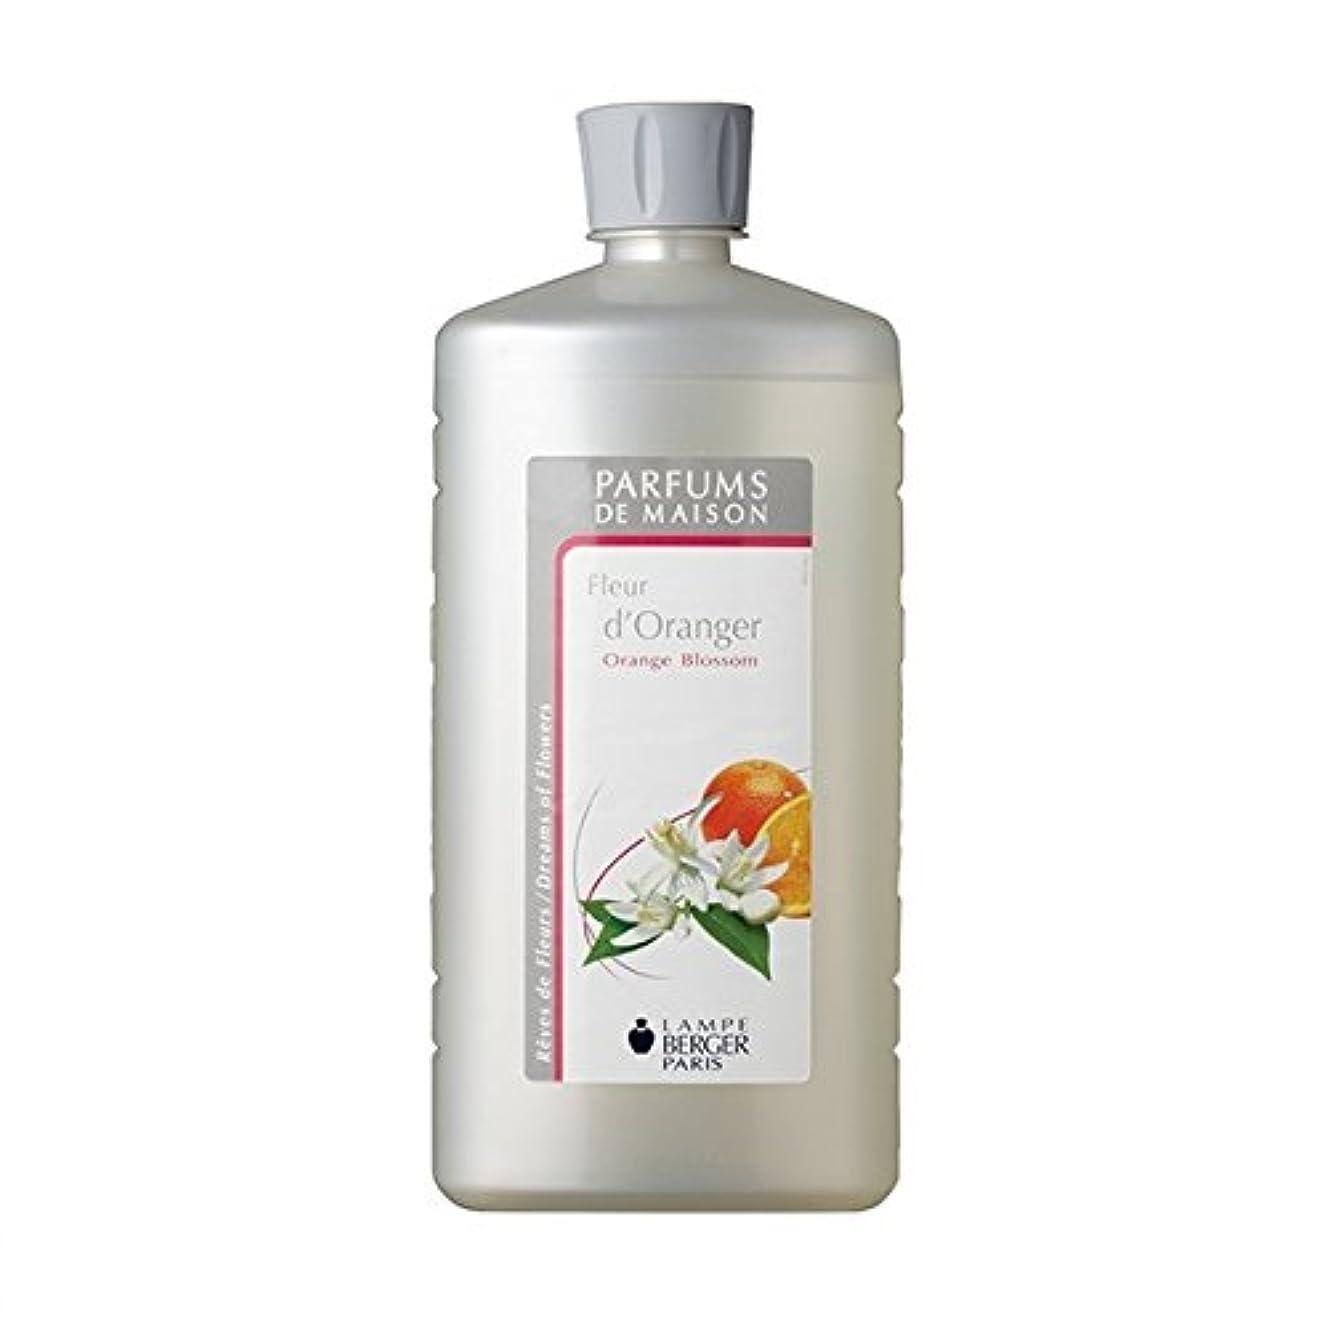 急降下正しい筋肉のランプベルジェオイル(オレンジブロッサム)Fleur d'oranger / Orange Blossom